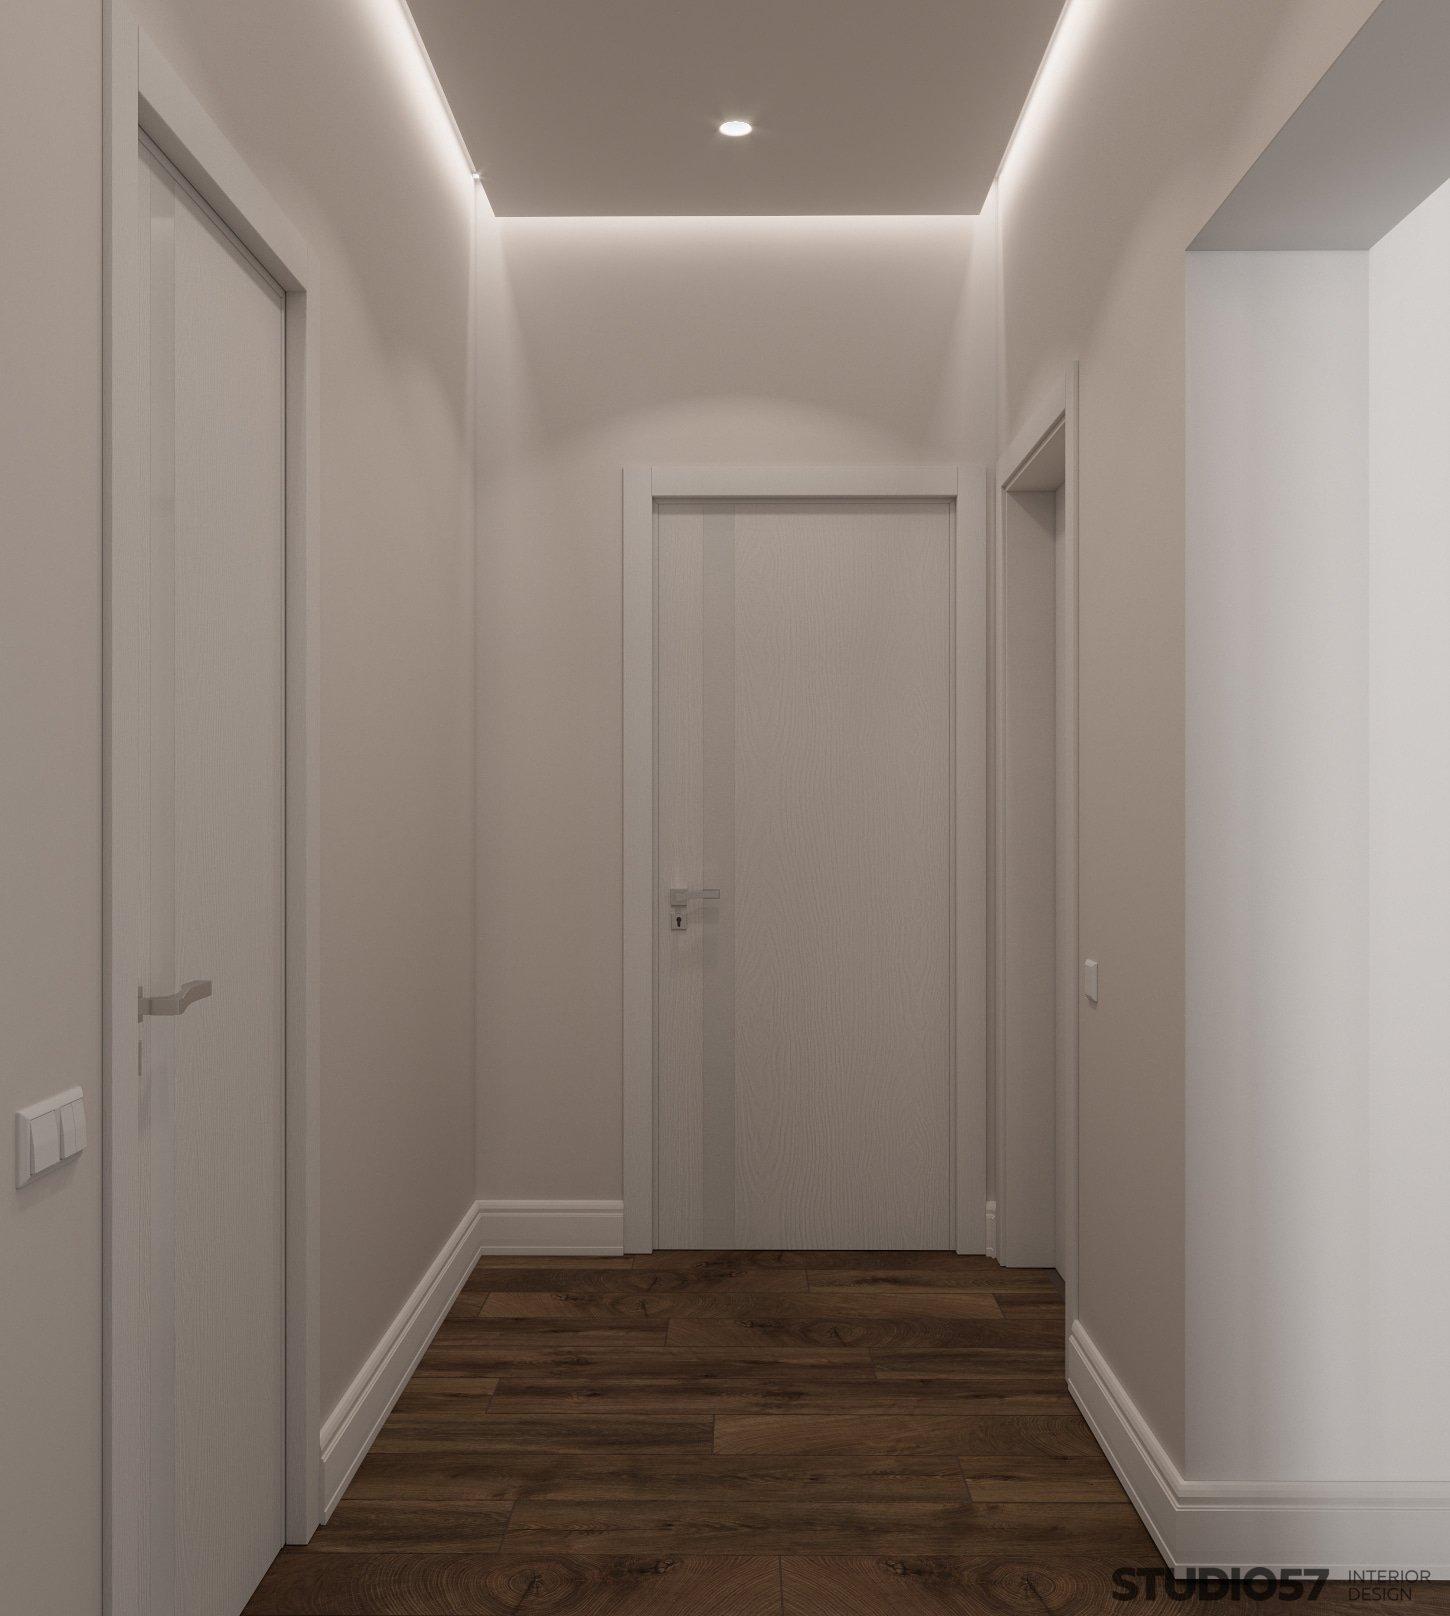 Contemporary style in the corridor interior